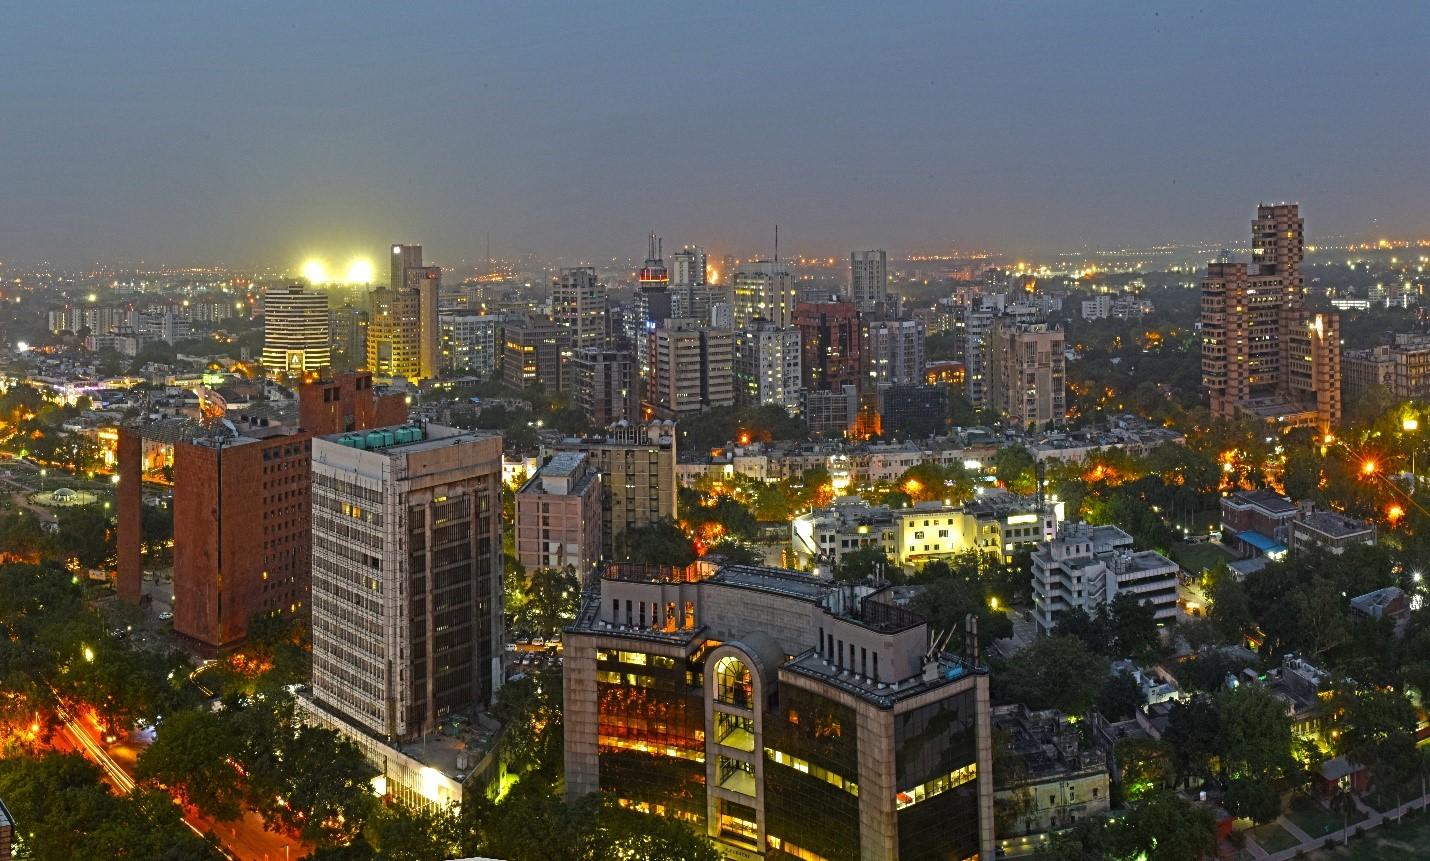 急速な都市化が進むインドのインフラを支える、技術と想い